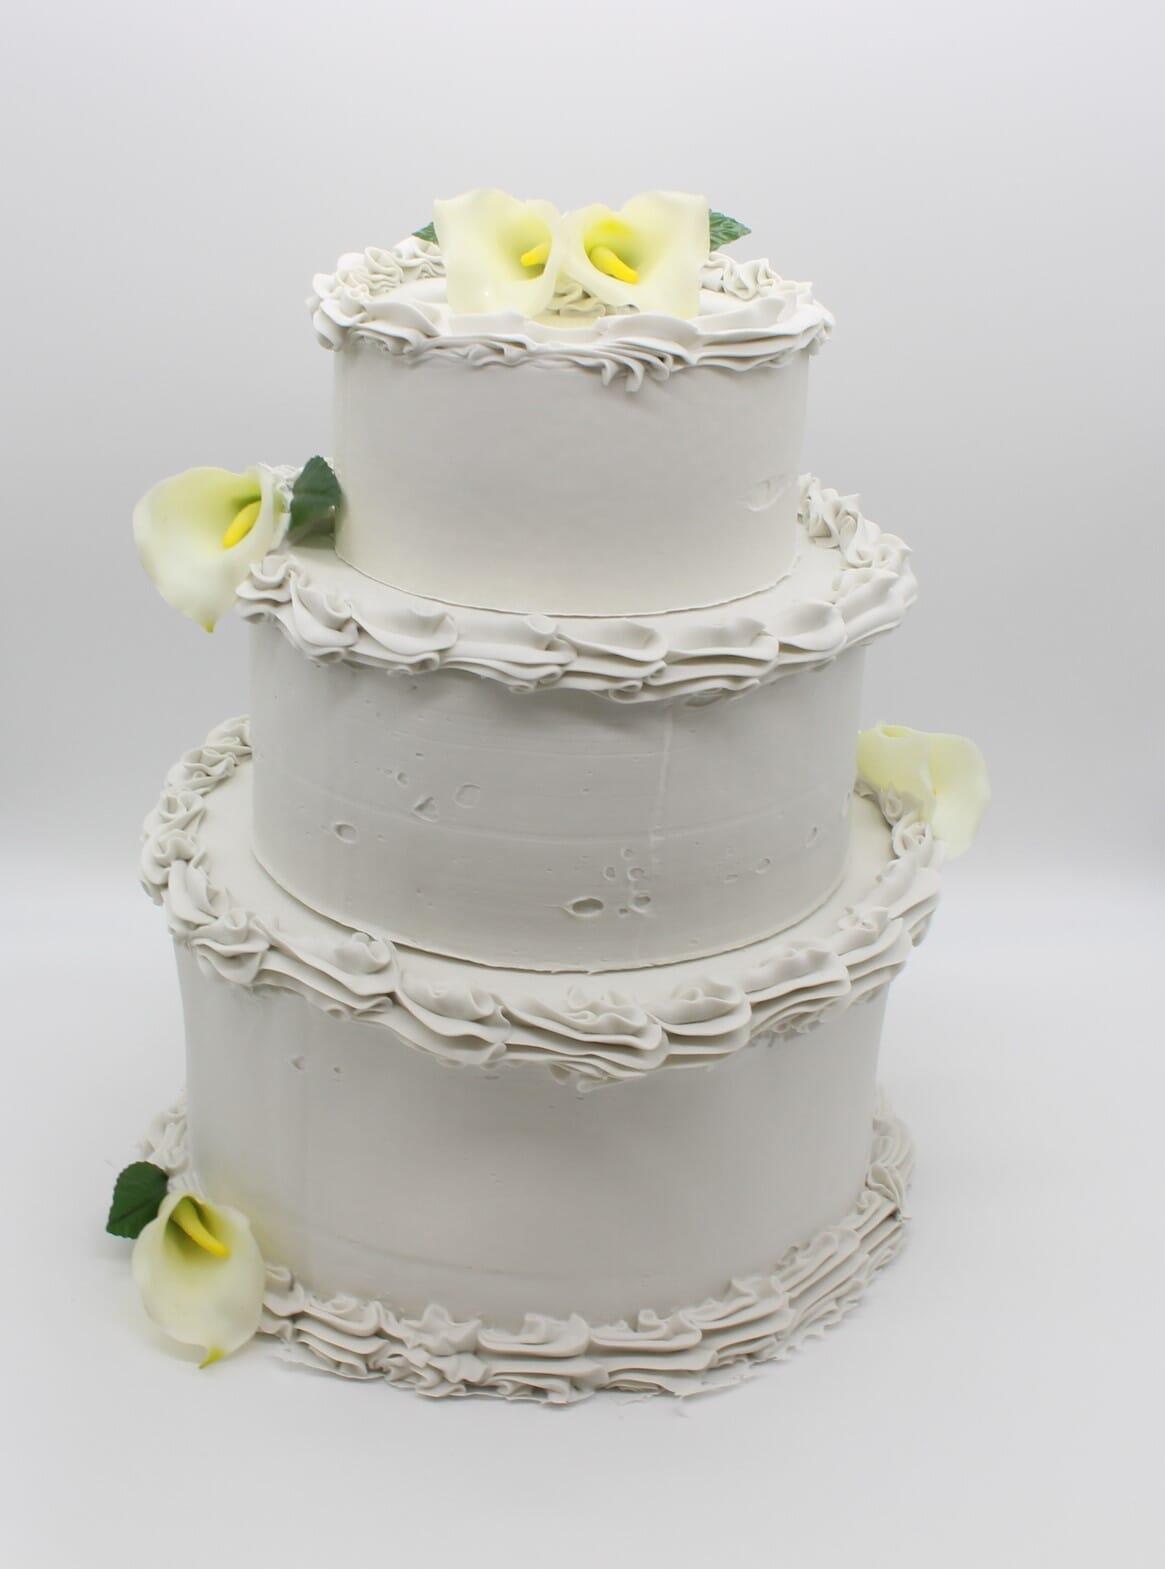 Fake Wedding Cake (3 tiers)